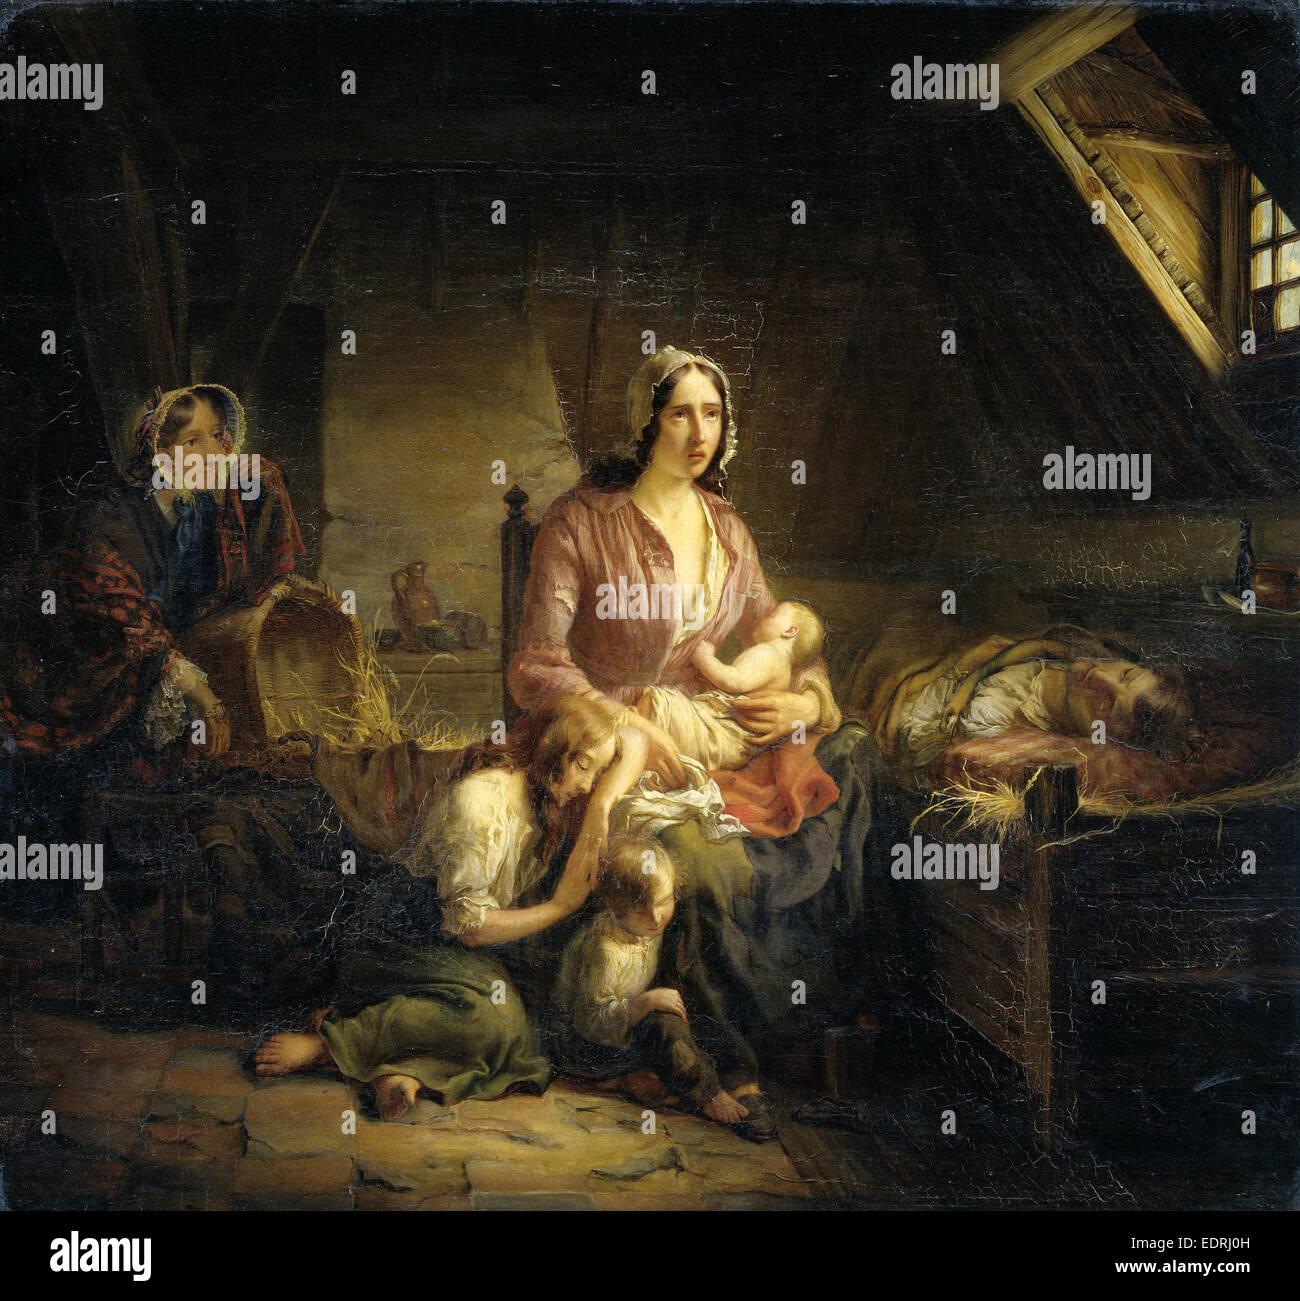 Une riche dame Visite une famille pauvre, Gerardus Terlaak, 1853 Photo Stock